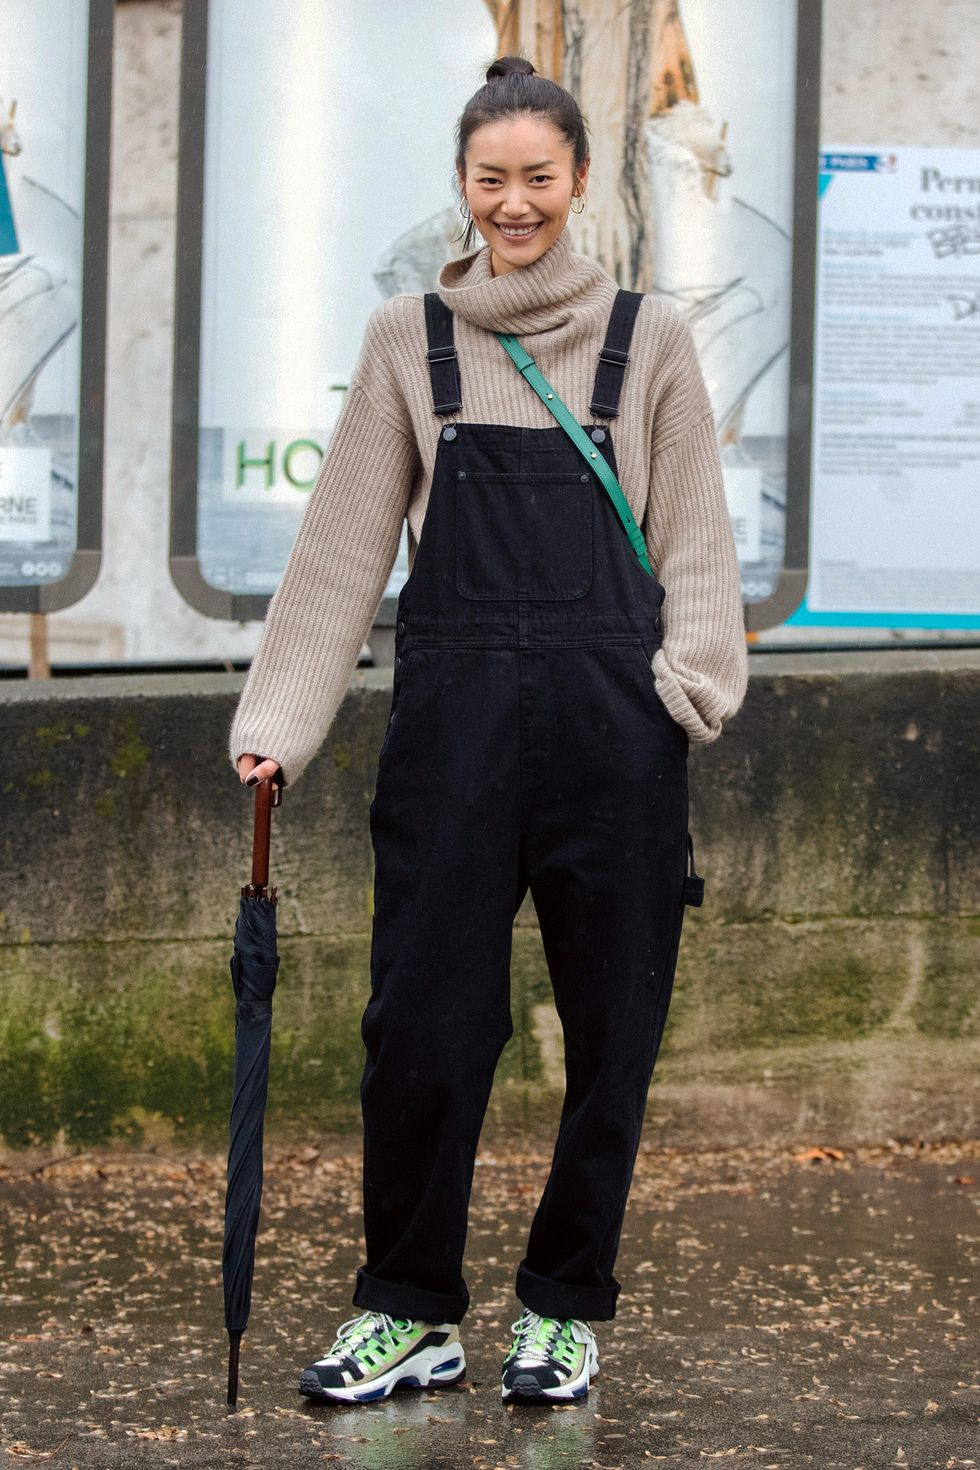 Bạn không cần phải mặc một chiếc quần yếm bó sát cơ thể. Ghi chú từ người mẫu Liu Wen, người đã chọn một chiếc quần ống rộng mà cô mặc bên ngoài chiếc áo cổ lọ màu be nhạt. Đây là combo mùa thu đông bạn nên thử.